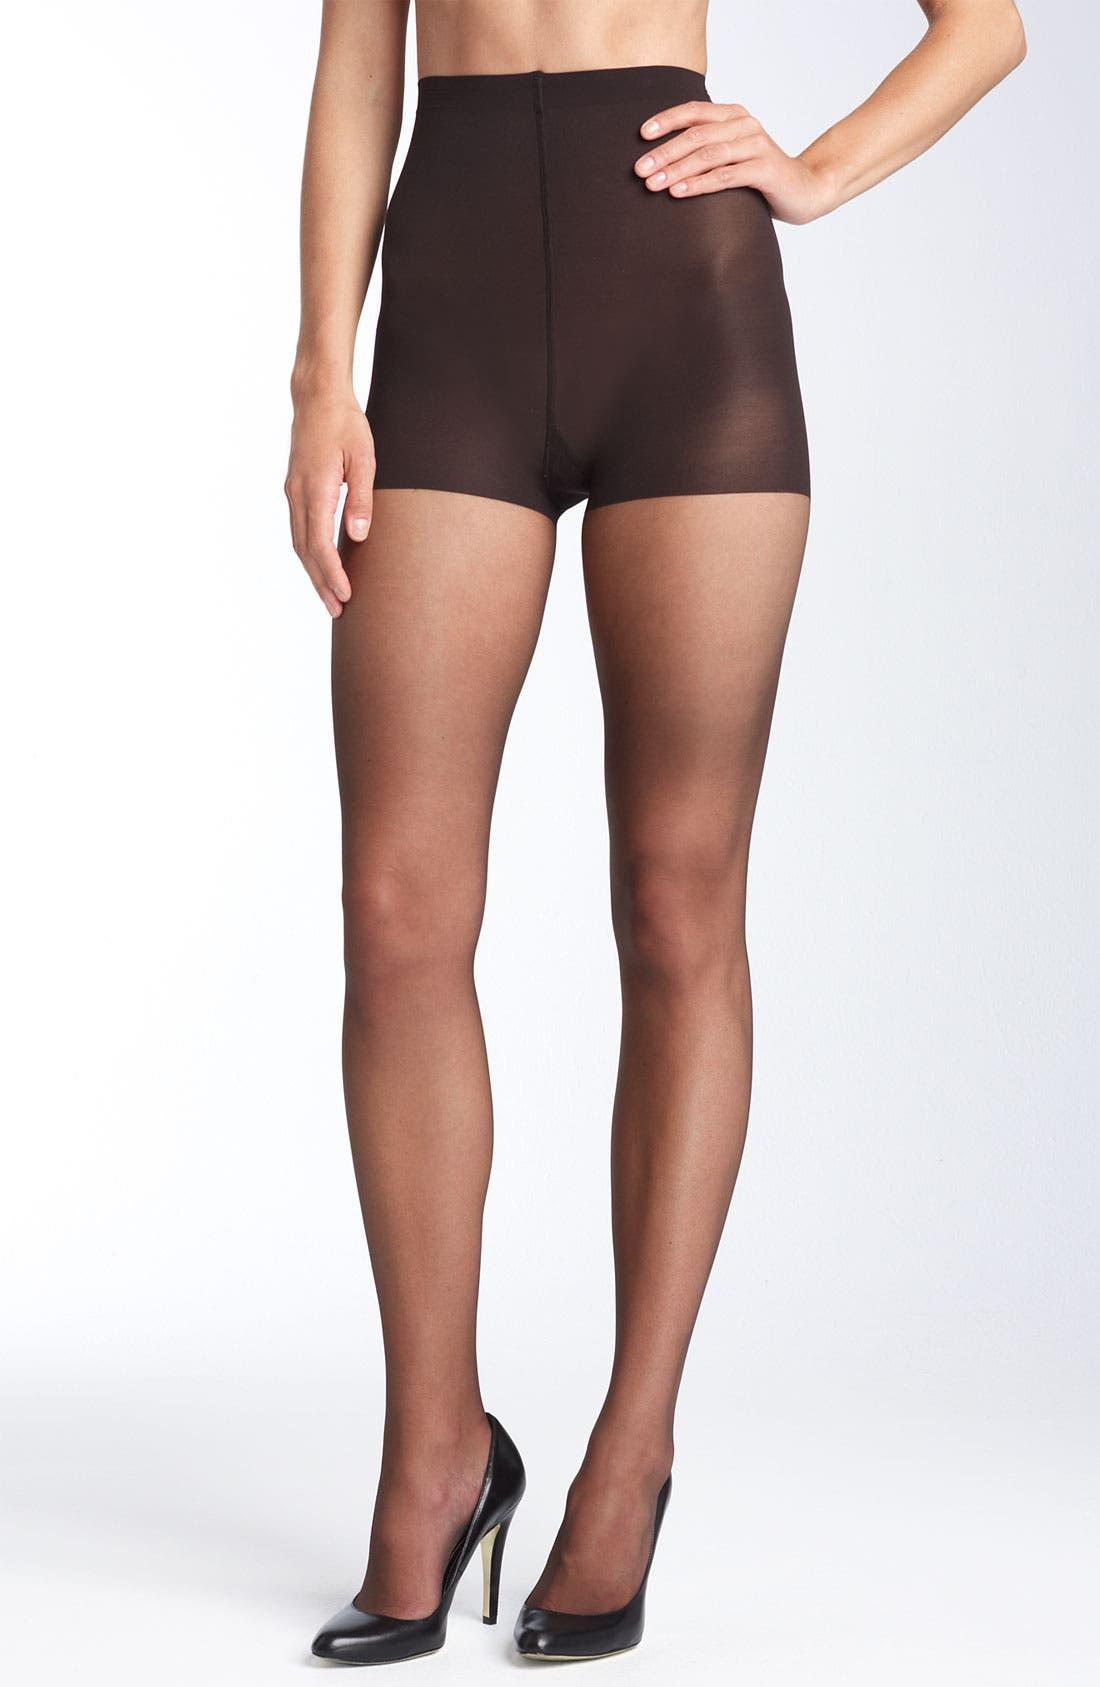 Main Image - Donna Karan 'Ultra Sheer' Control Top Pantyhose